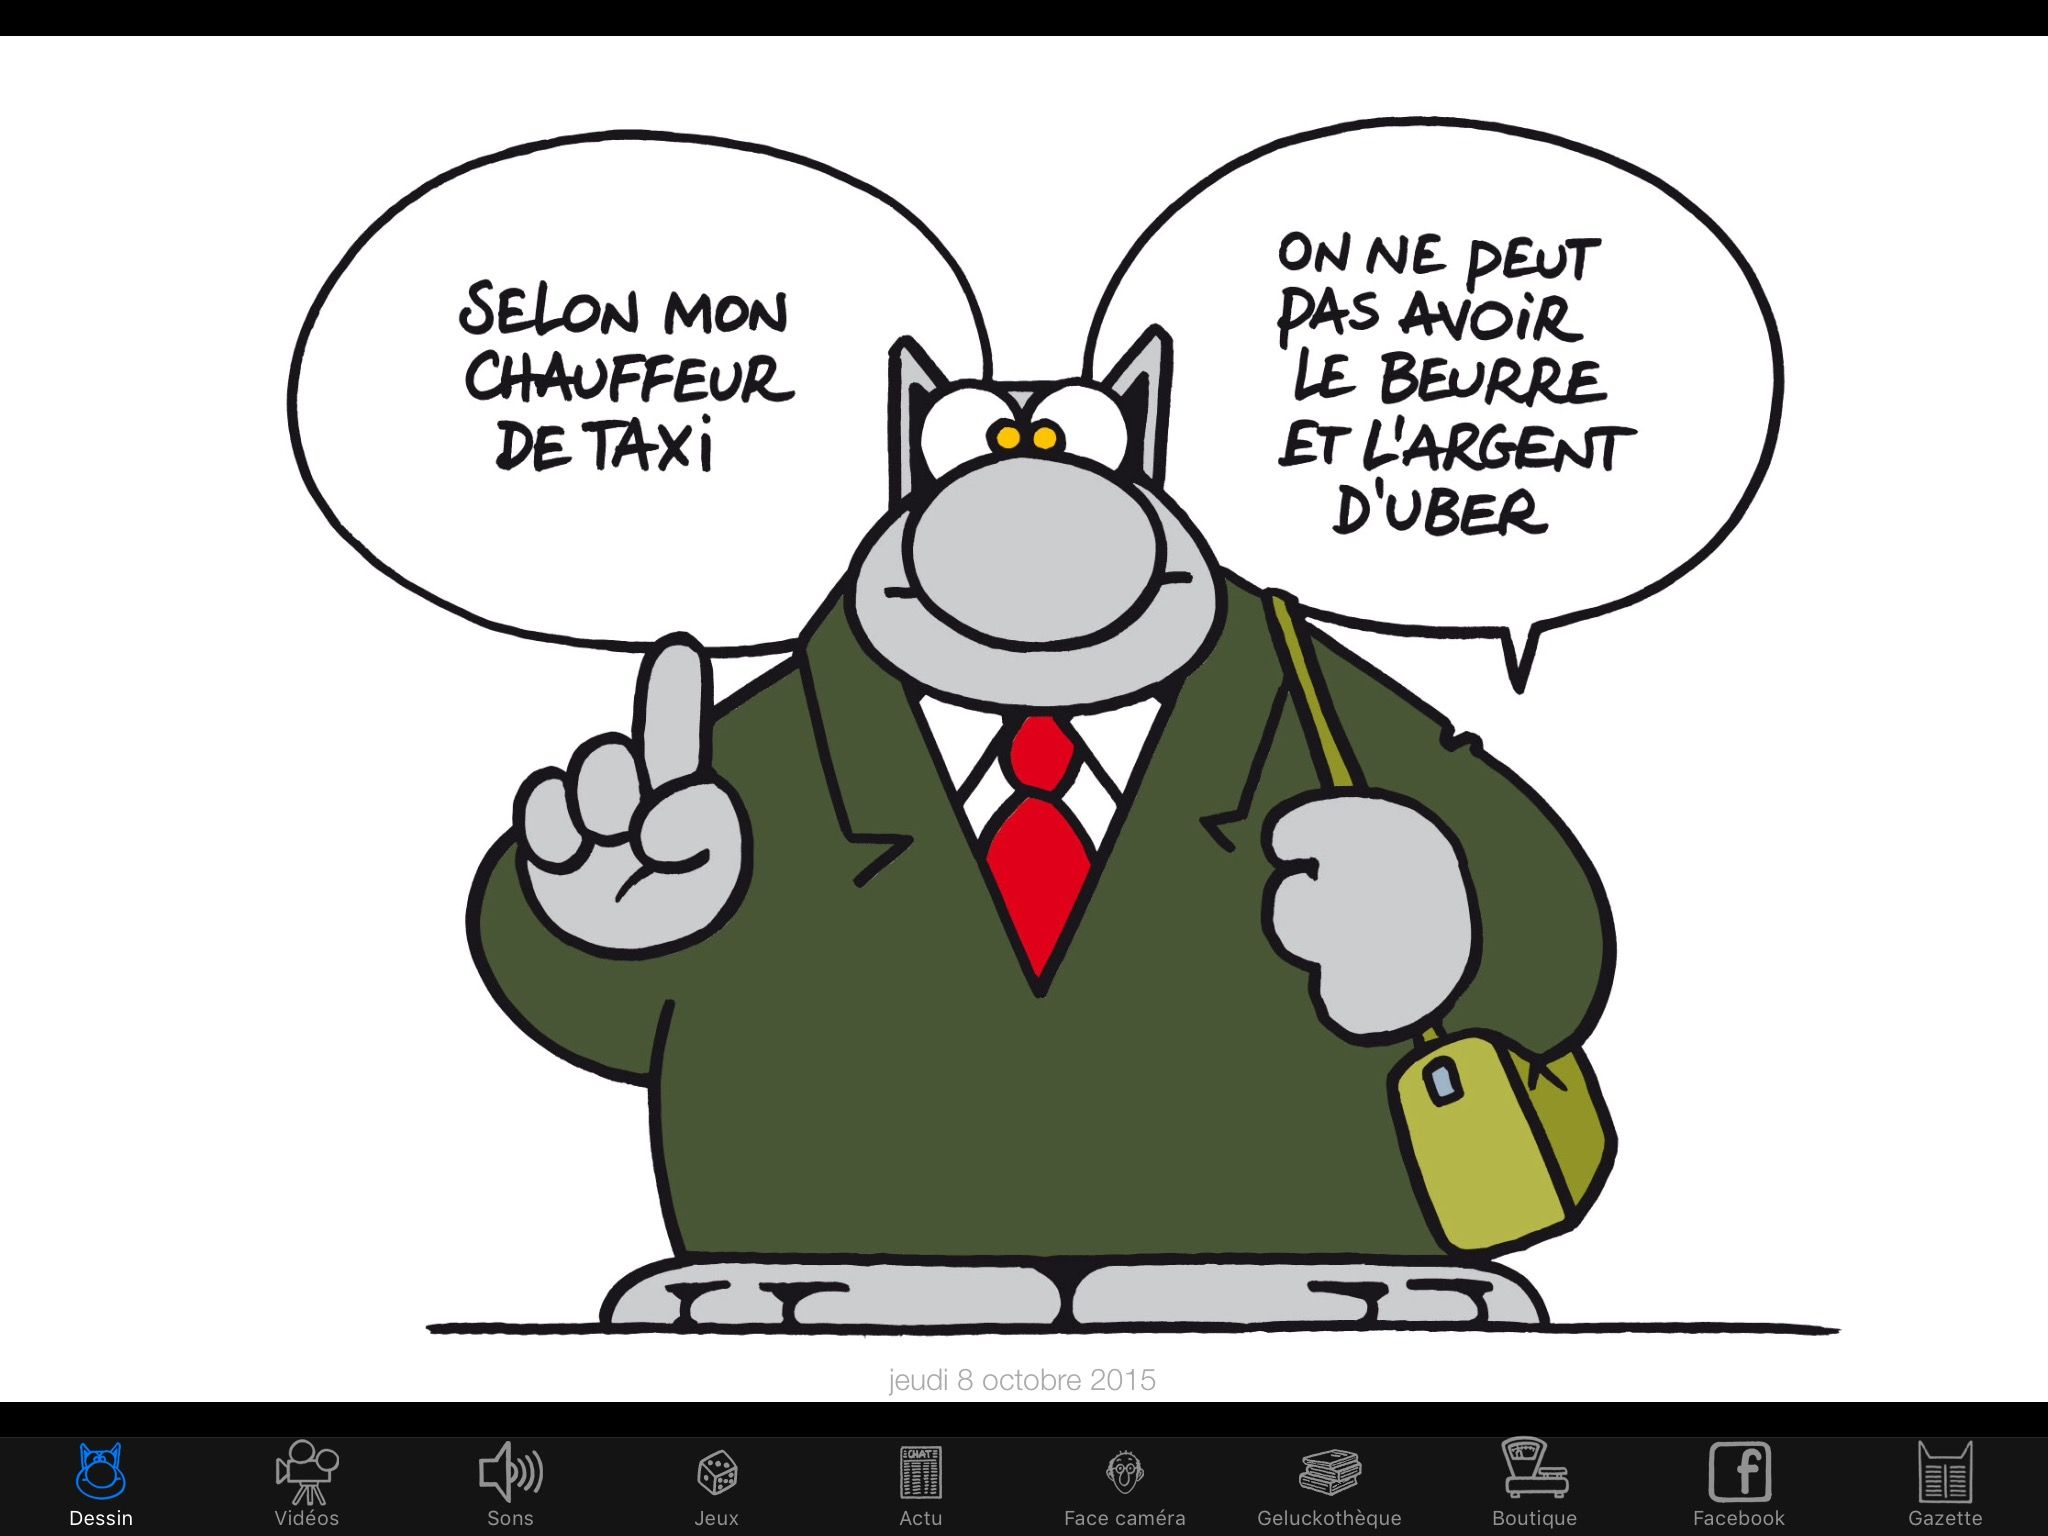 Epingle Par Anne Mention Sur Rien Que Pour Moi Chat Humour Le Chat Geluck Chat